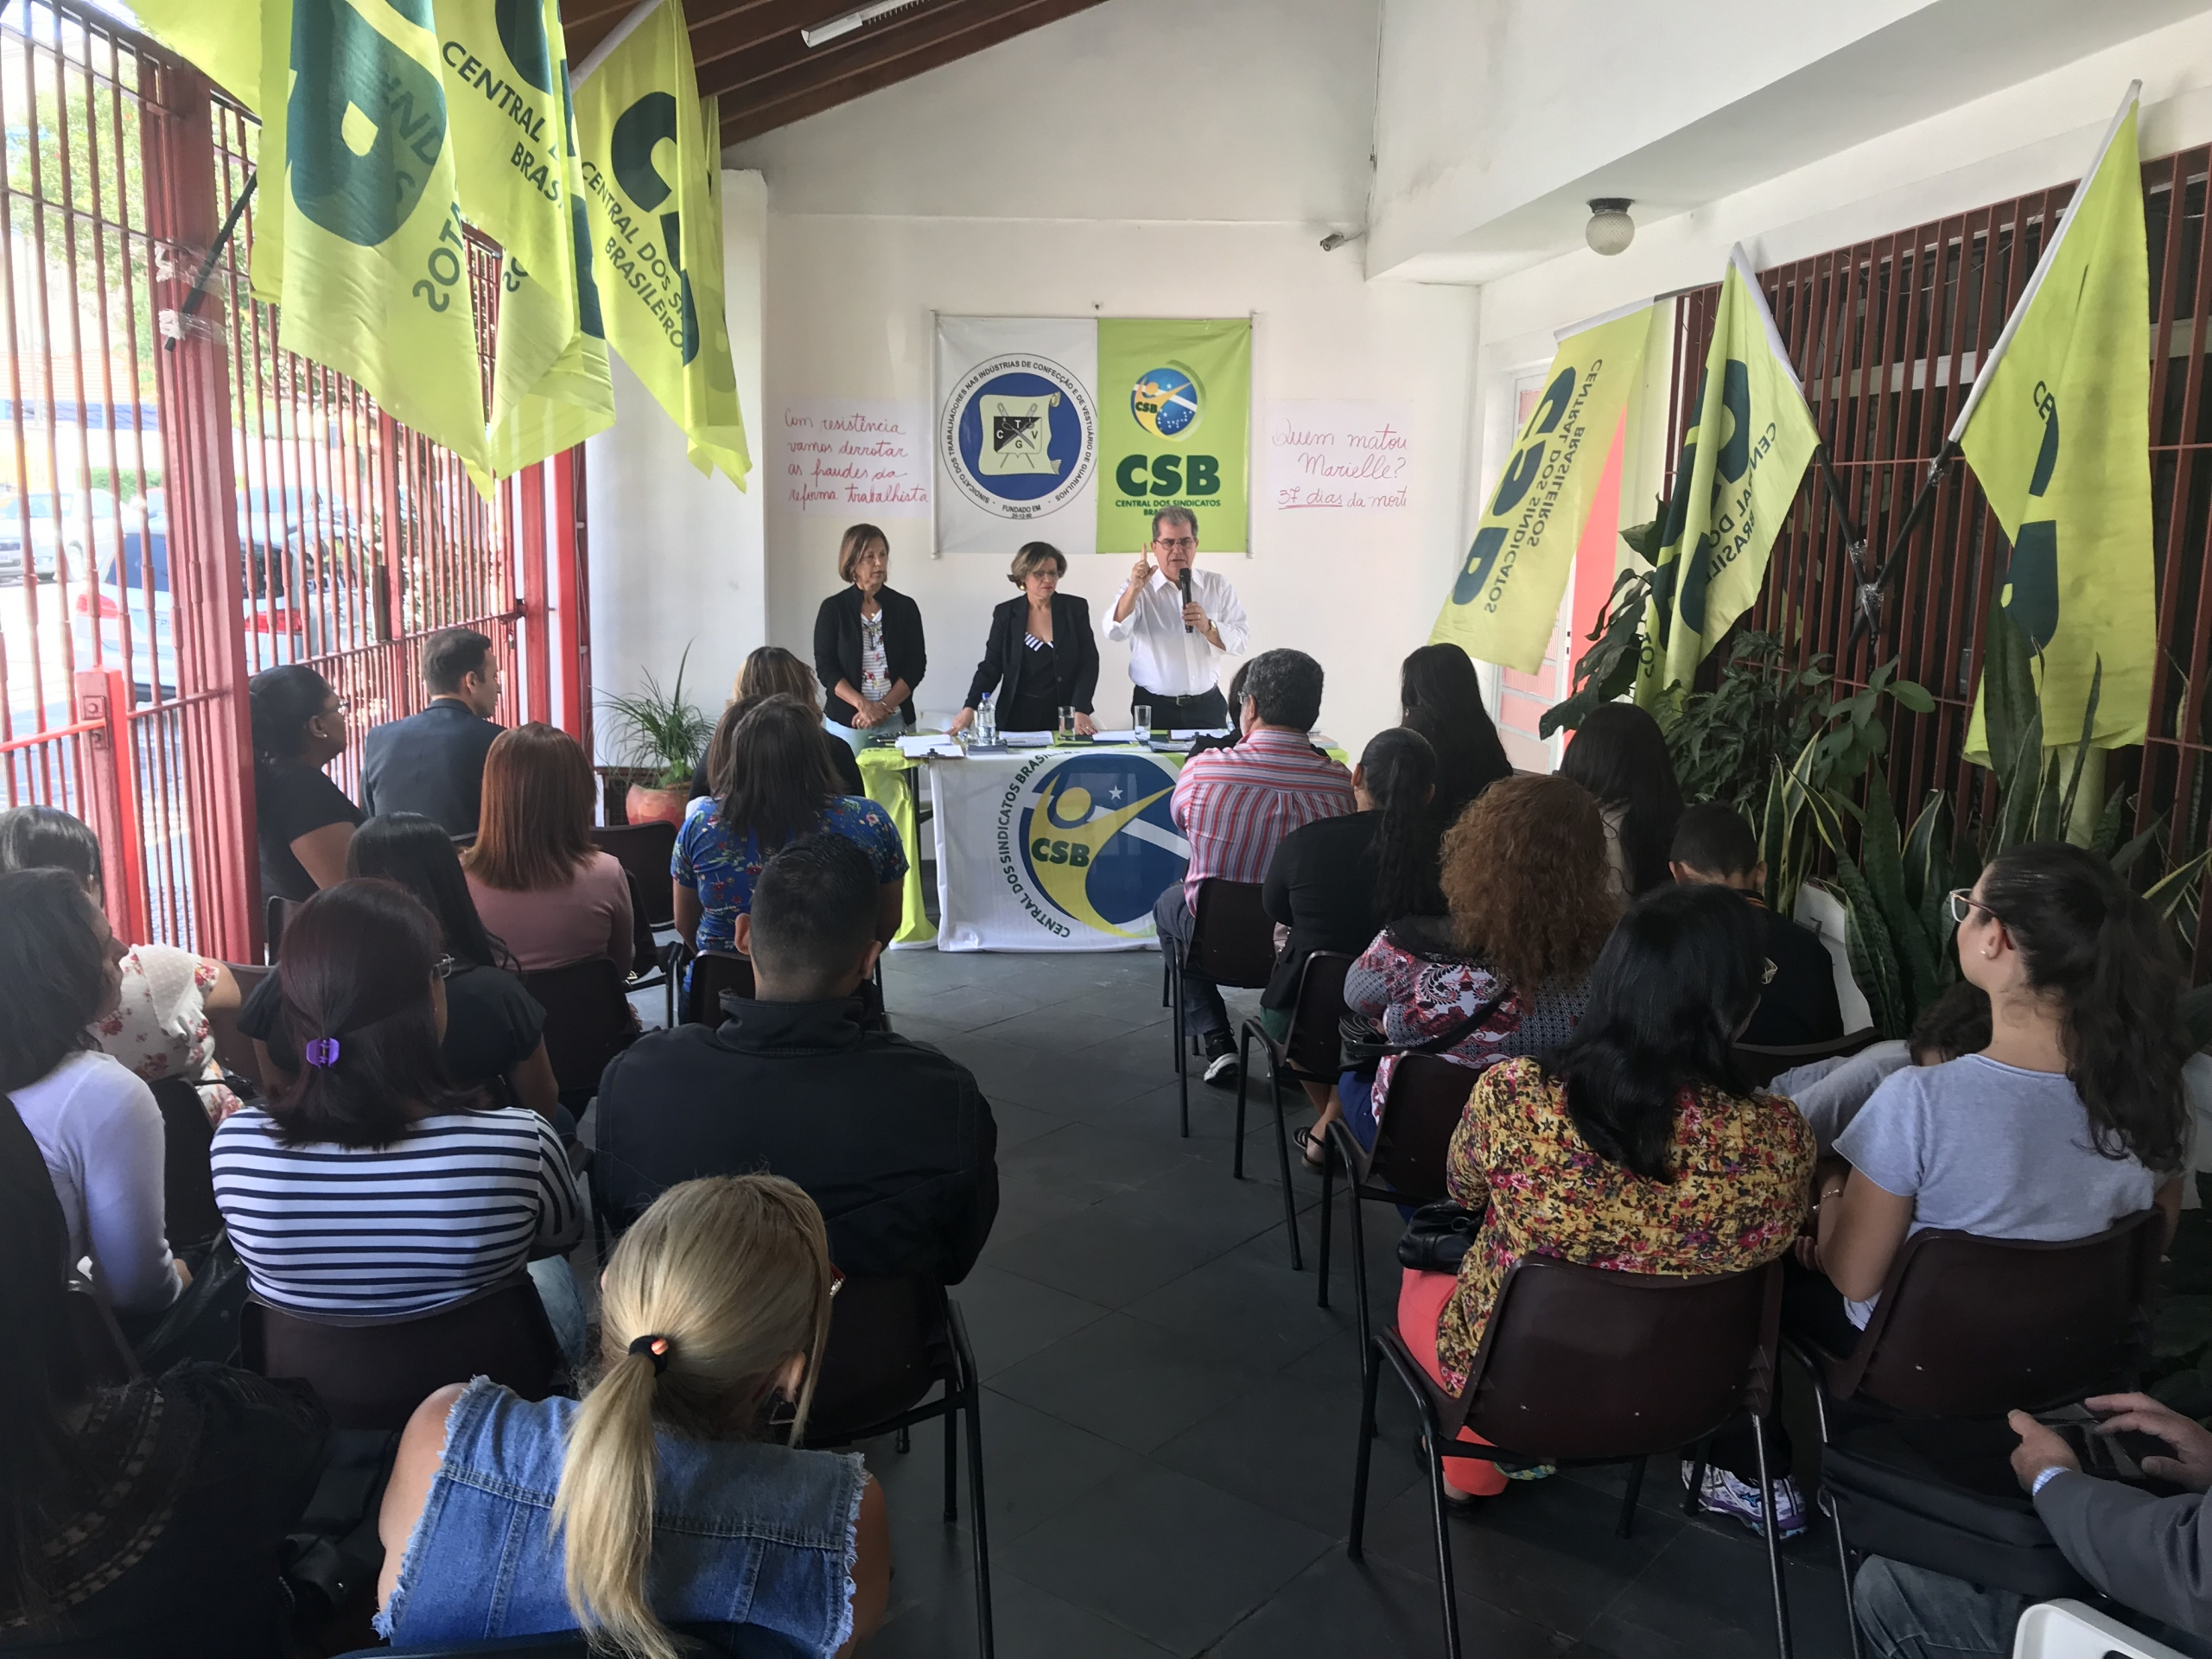 Assembléia decidiu lutar por aumento real, PLR e combate as fraudes